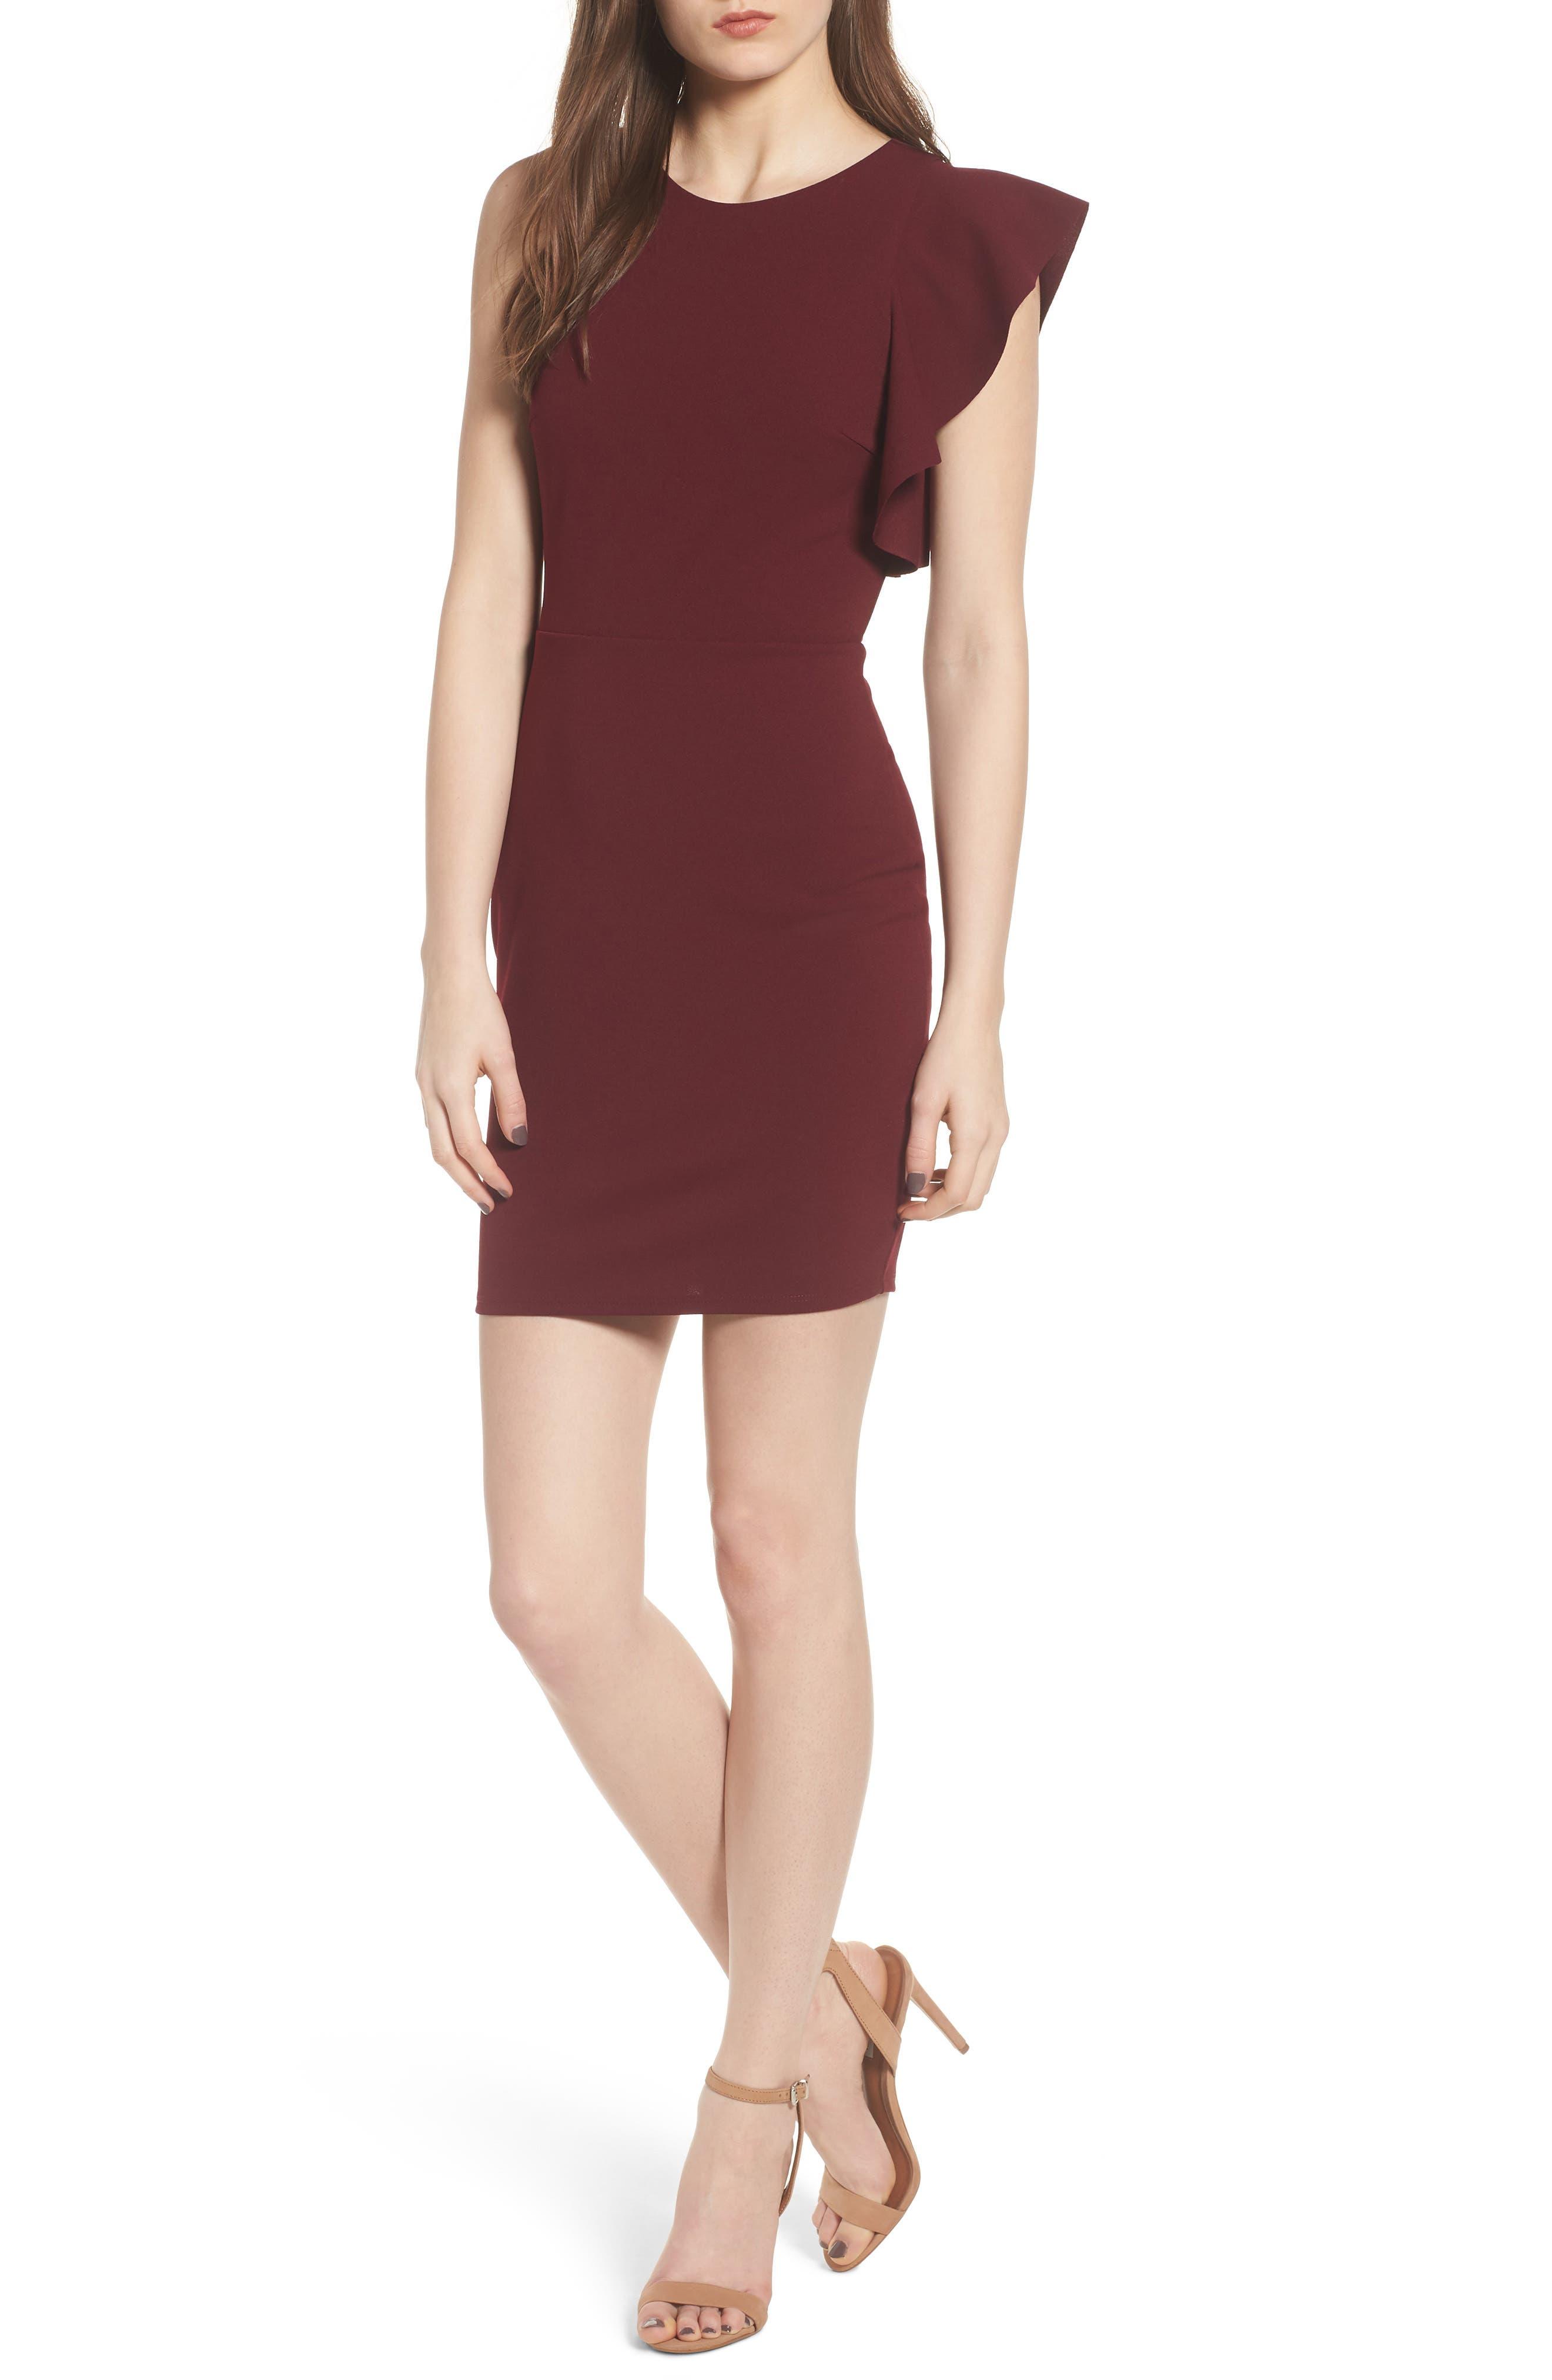 Soprano Ruffle Sleeve Body-Con Dress